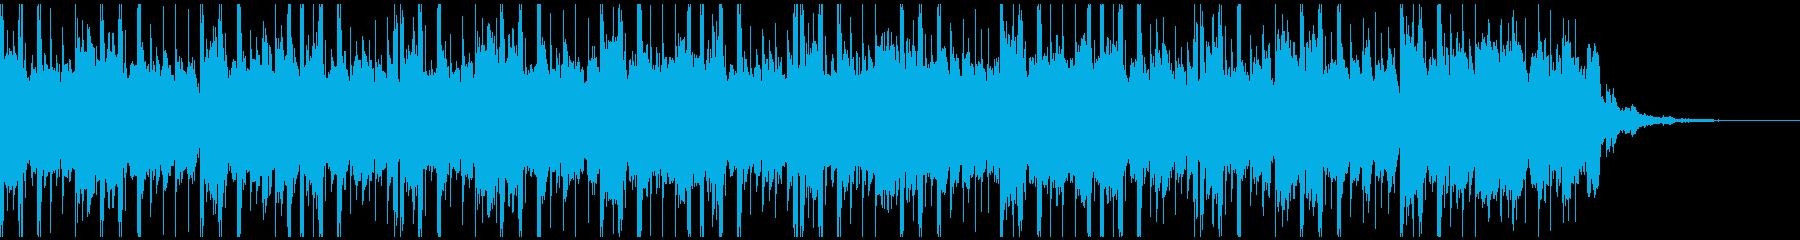 テクノロジーミュージック(30秒)の再生済みの波形